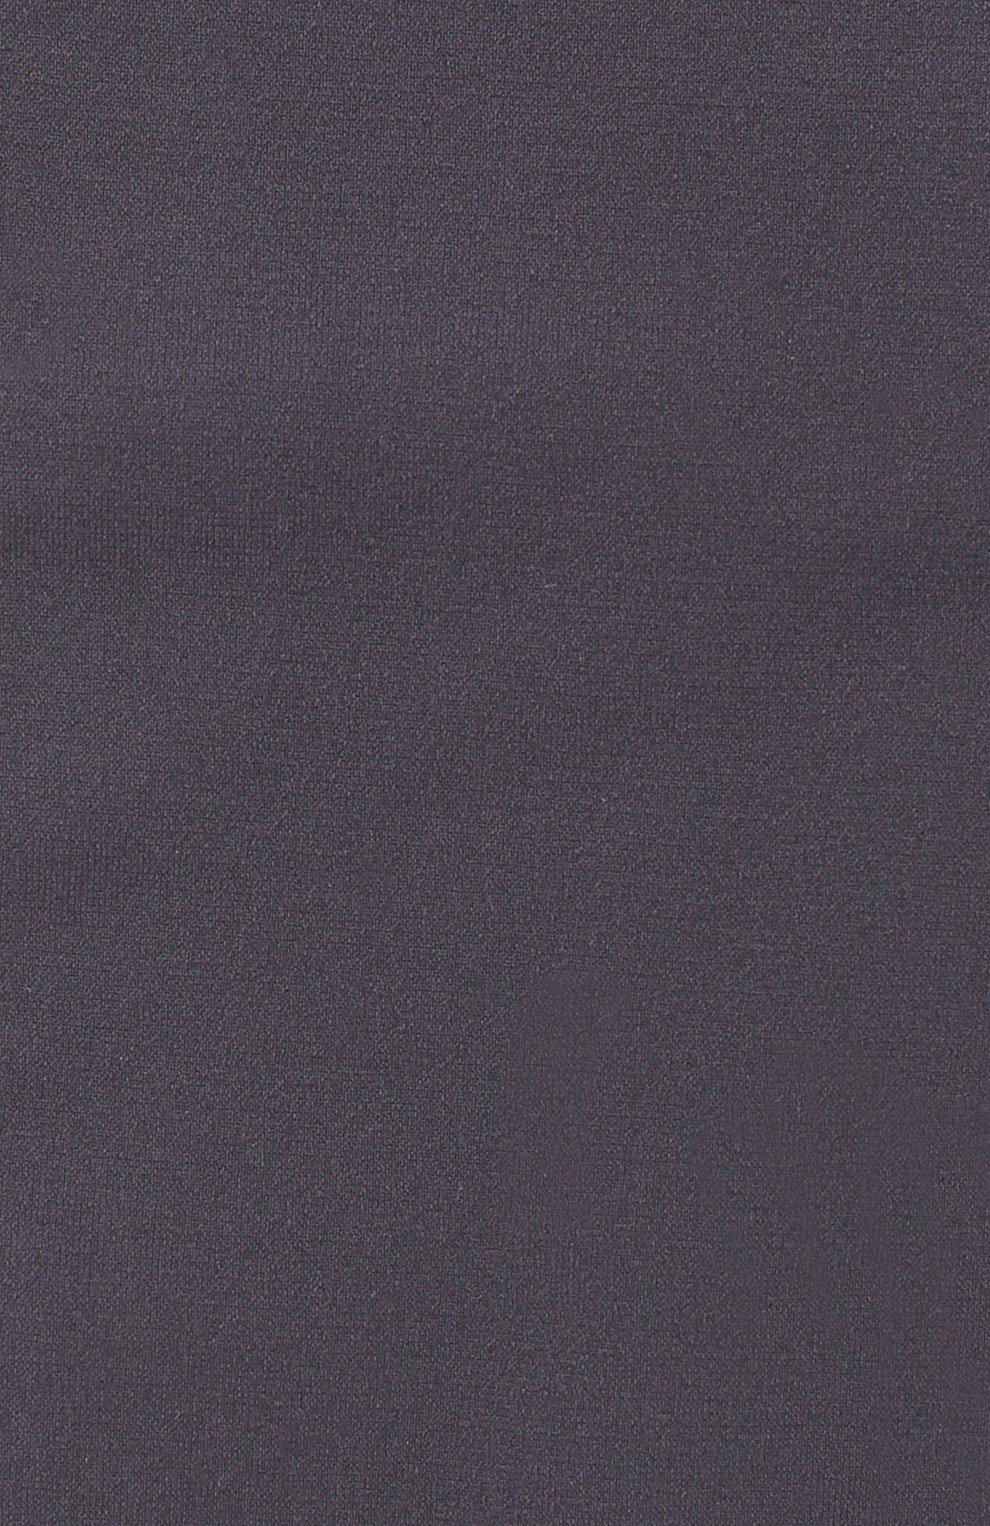 Детские колготки dance collection 30 den YULA черного цвета, арт. YU-34   Фото 2 (Материал: Текстиль, Синтетический материал; Статус проверки: Проверено, Проверена категория)